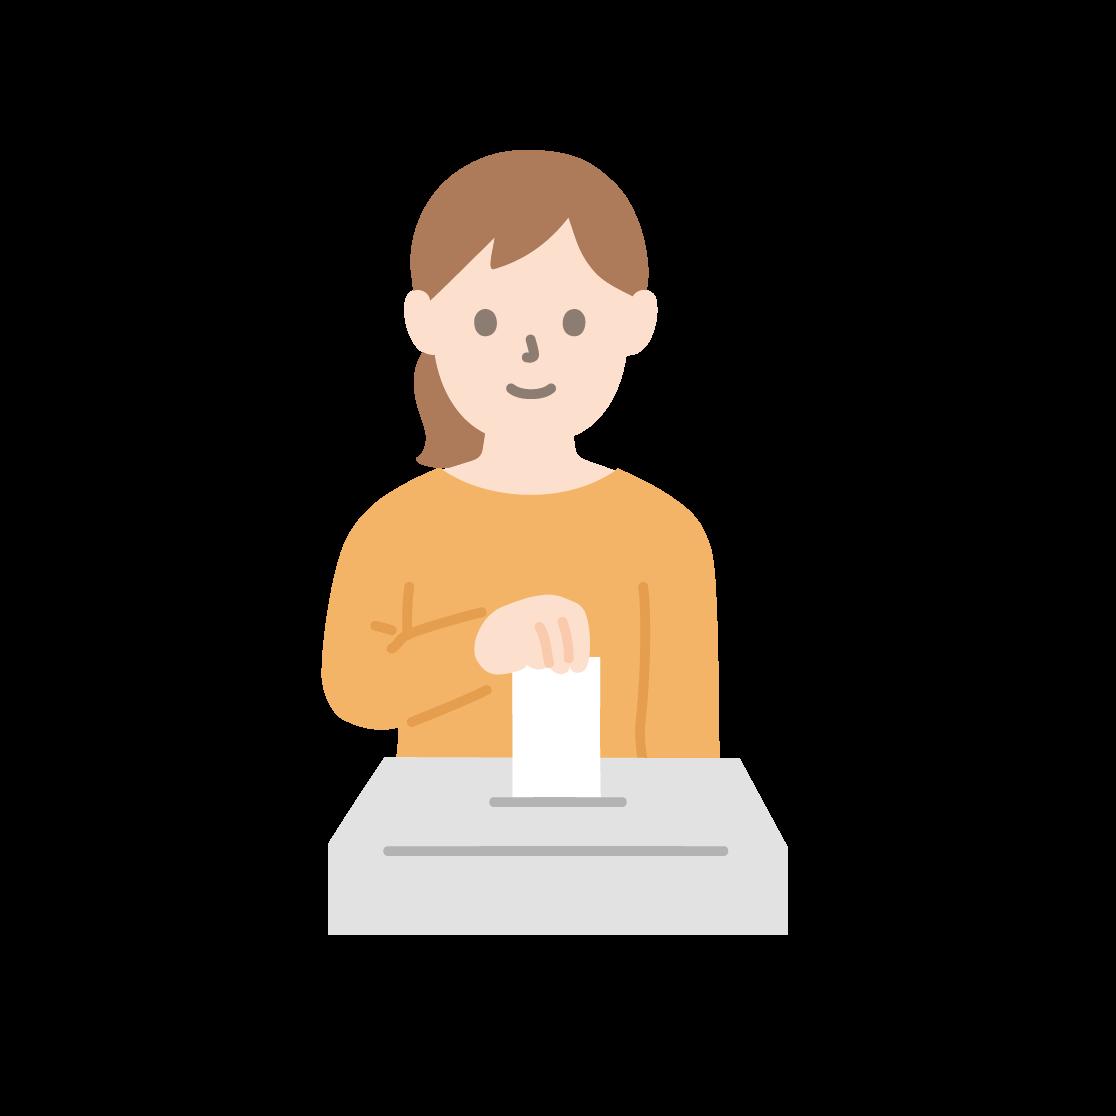 投票している女性のイラスト(塗り)